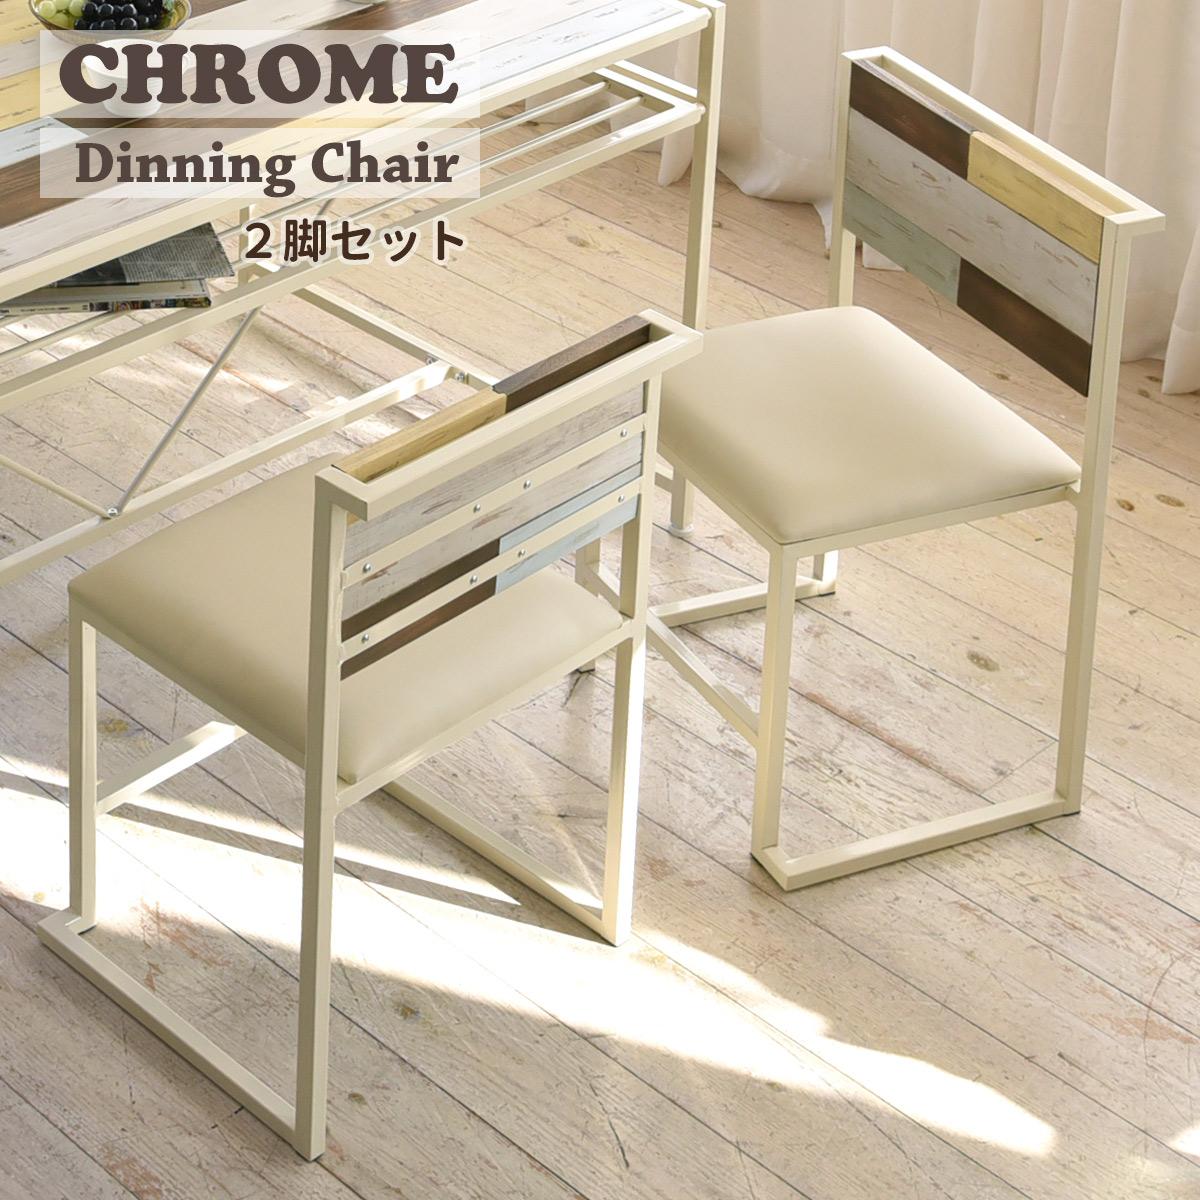 【送料無料】 【メーカー直送・代引不可】CHROME ダイニングチェアー2個セット